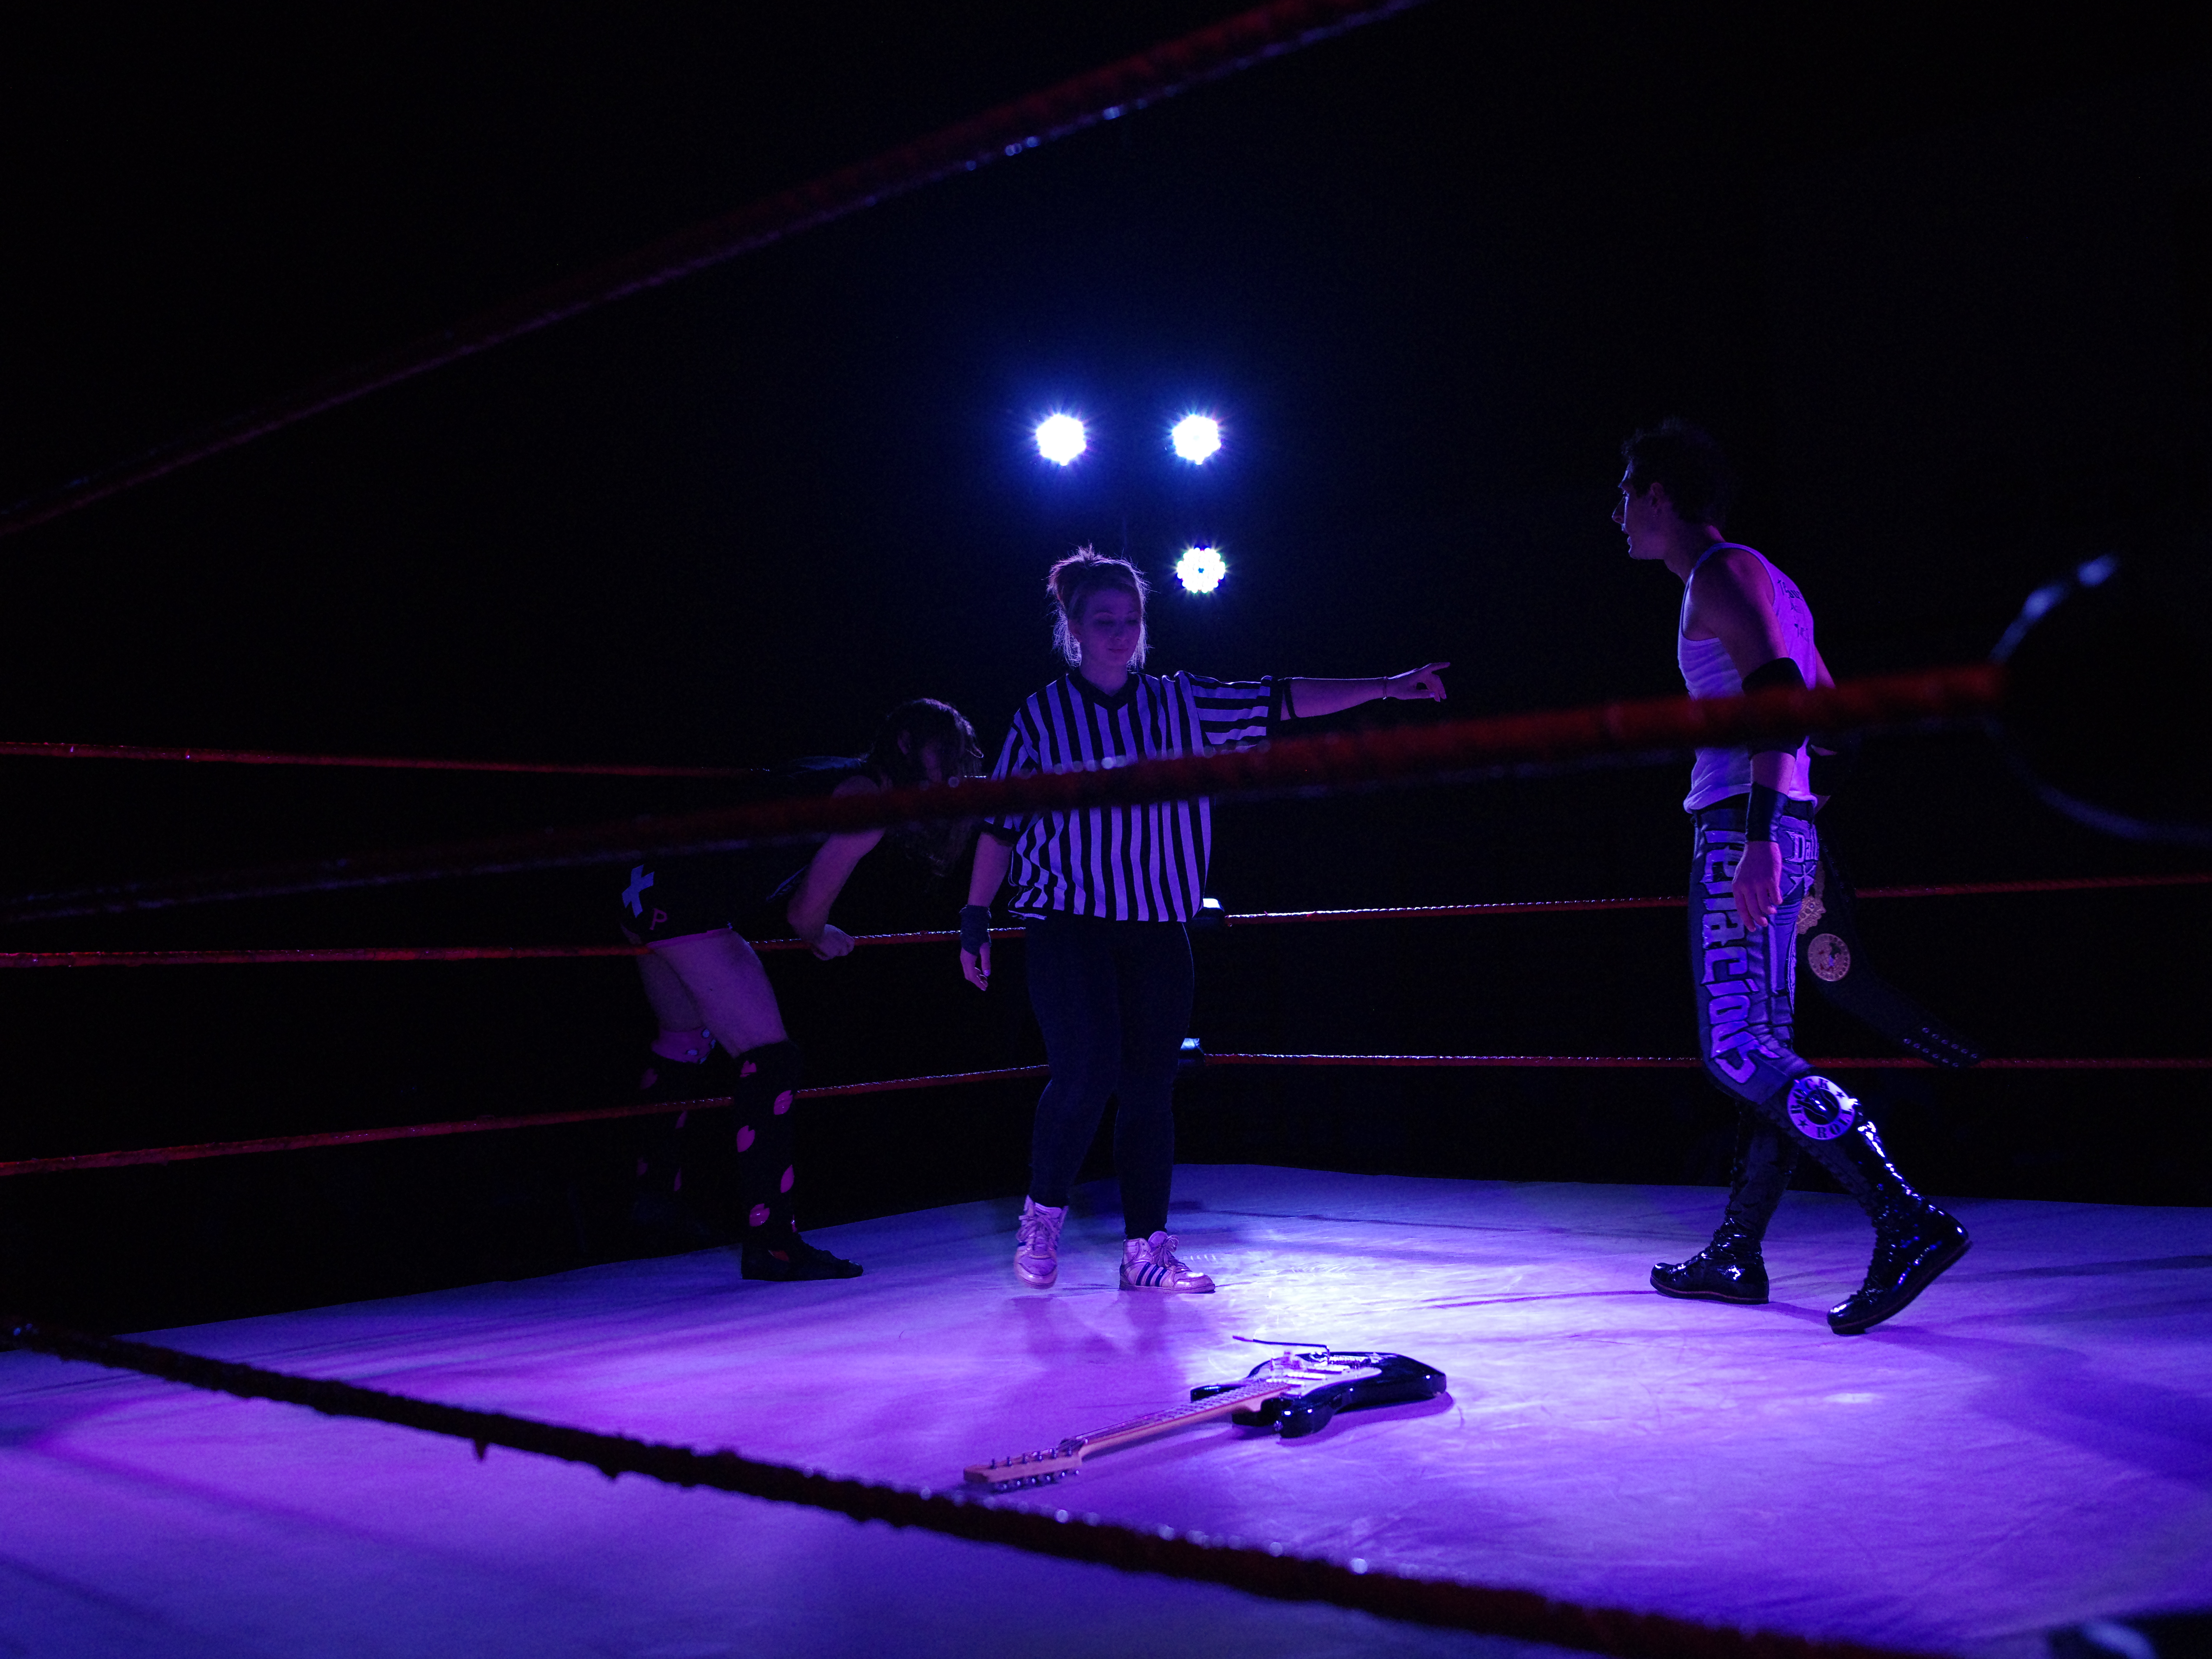 La rivalità tra Max Peach e Tenacious Dalla infiamma i ring Italiani da Vae Victis